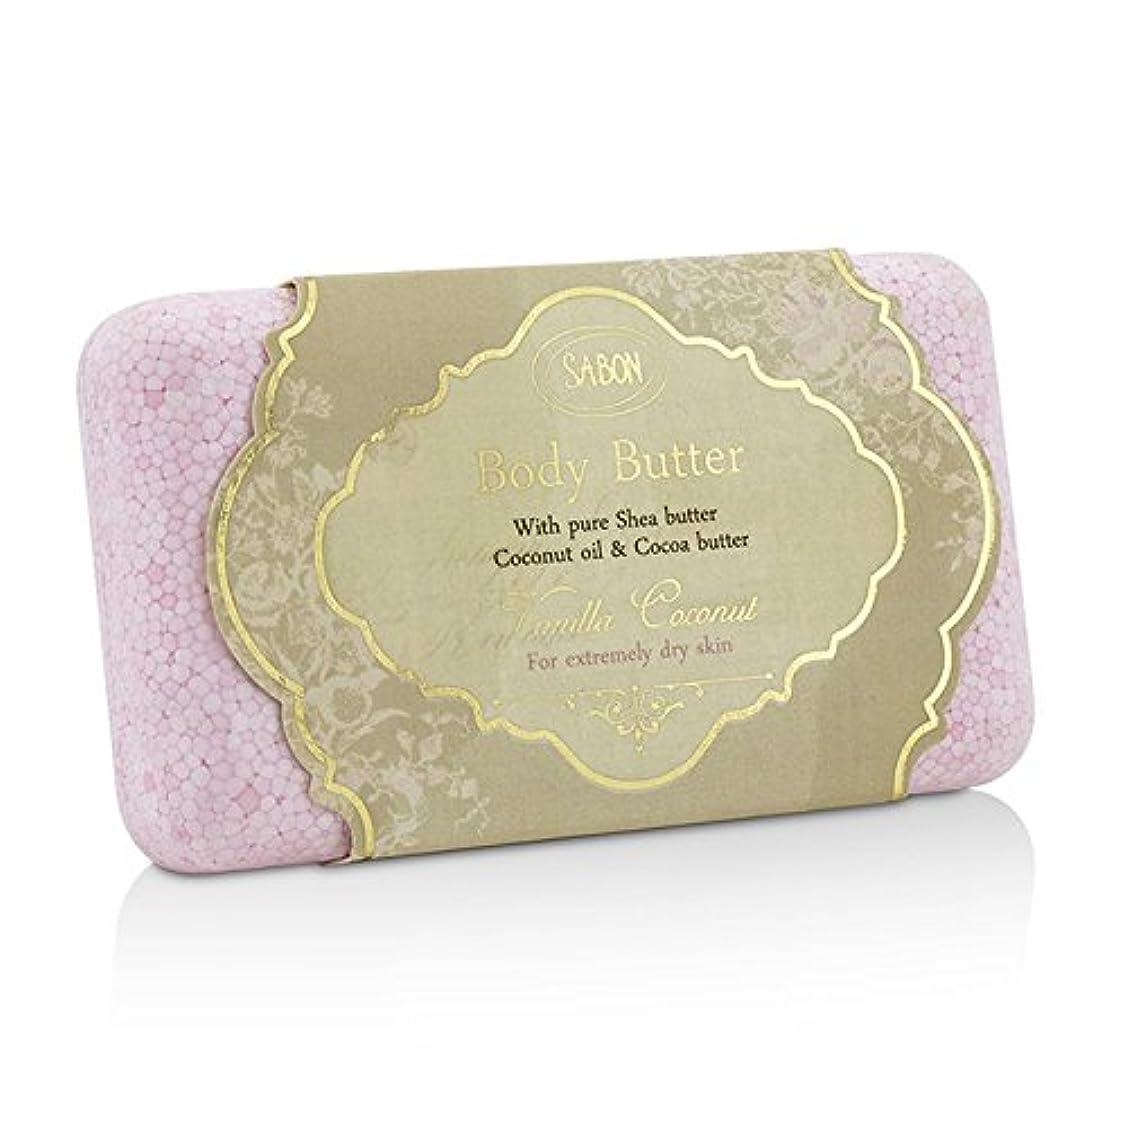 必要とする宝不潔サボン Body Butter (For Extremely Dry Skin) - Vanilla Coconut 100g/3.53oz並行輸入品